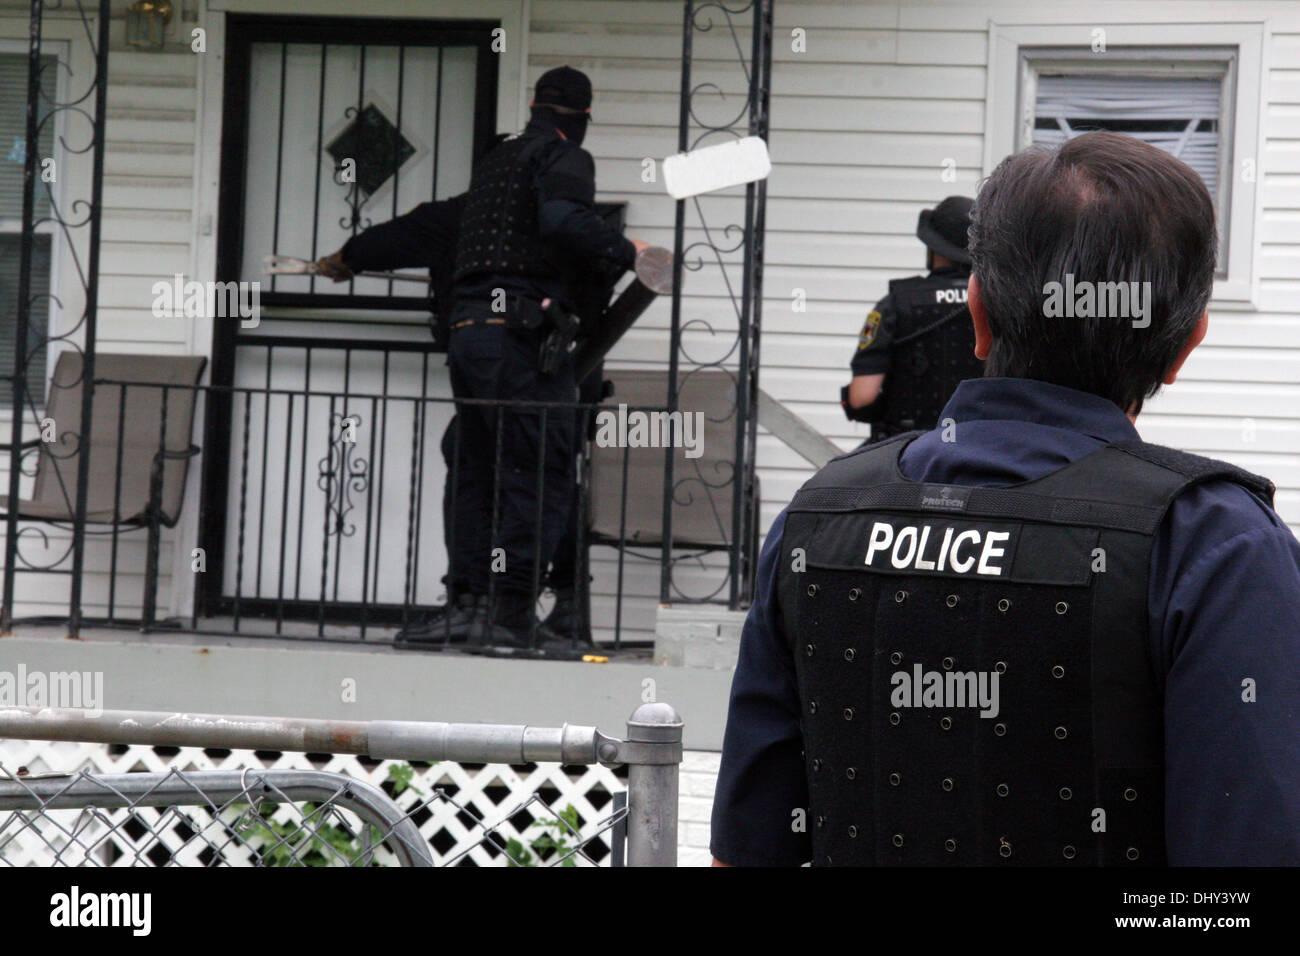 Policia de Narcoticos